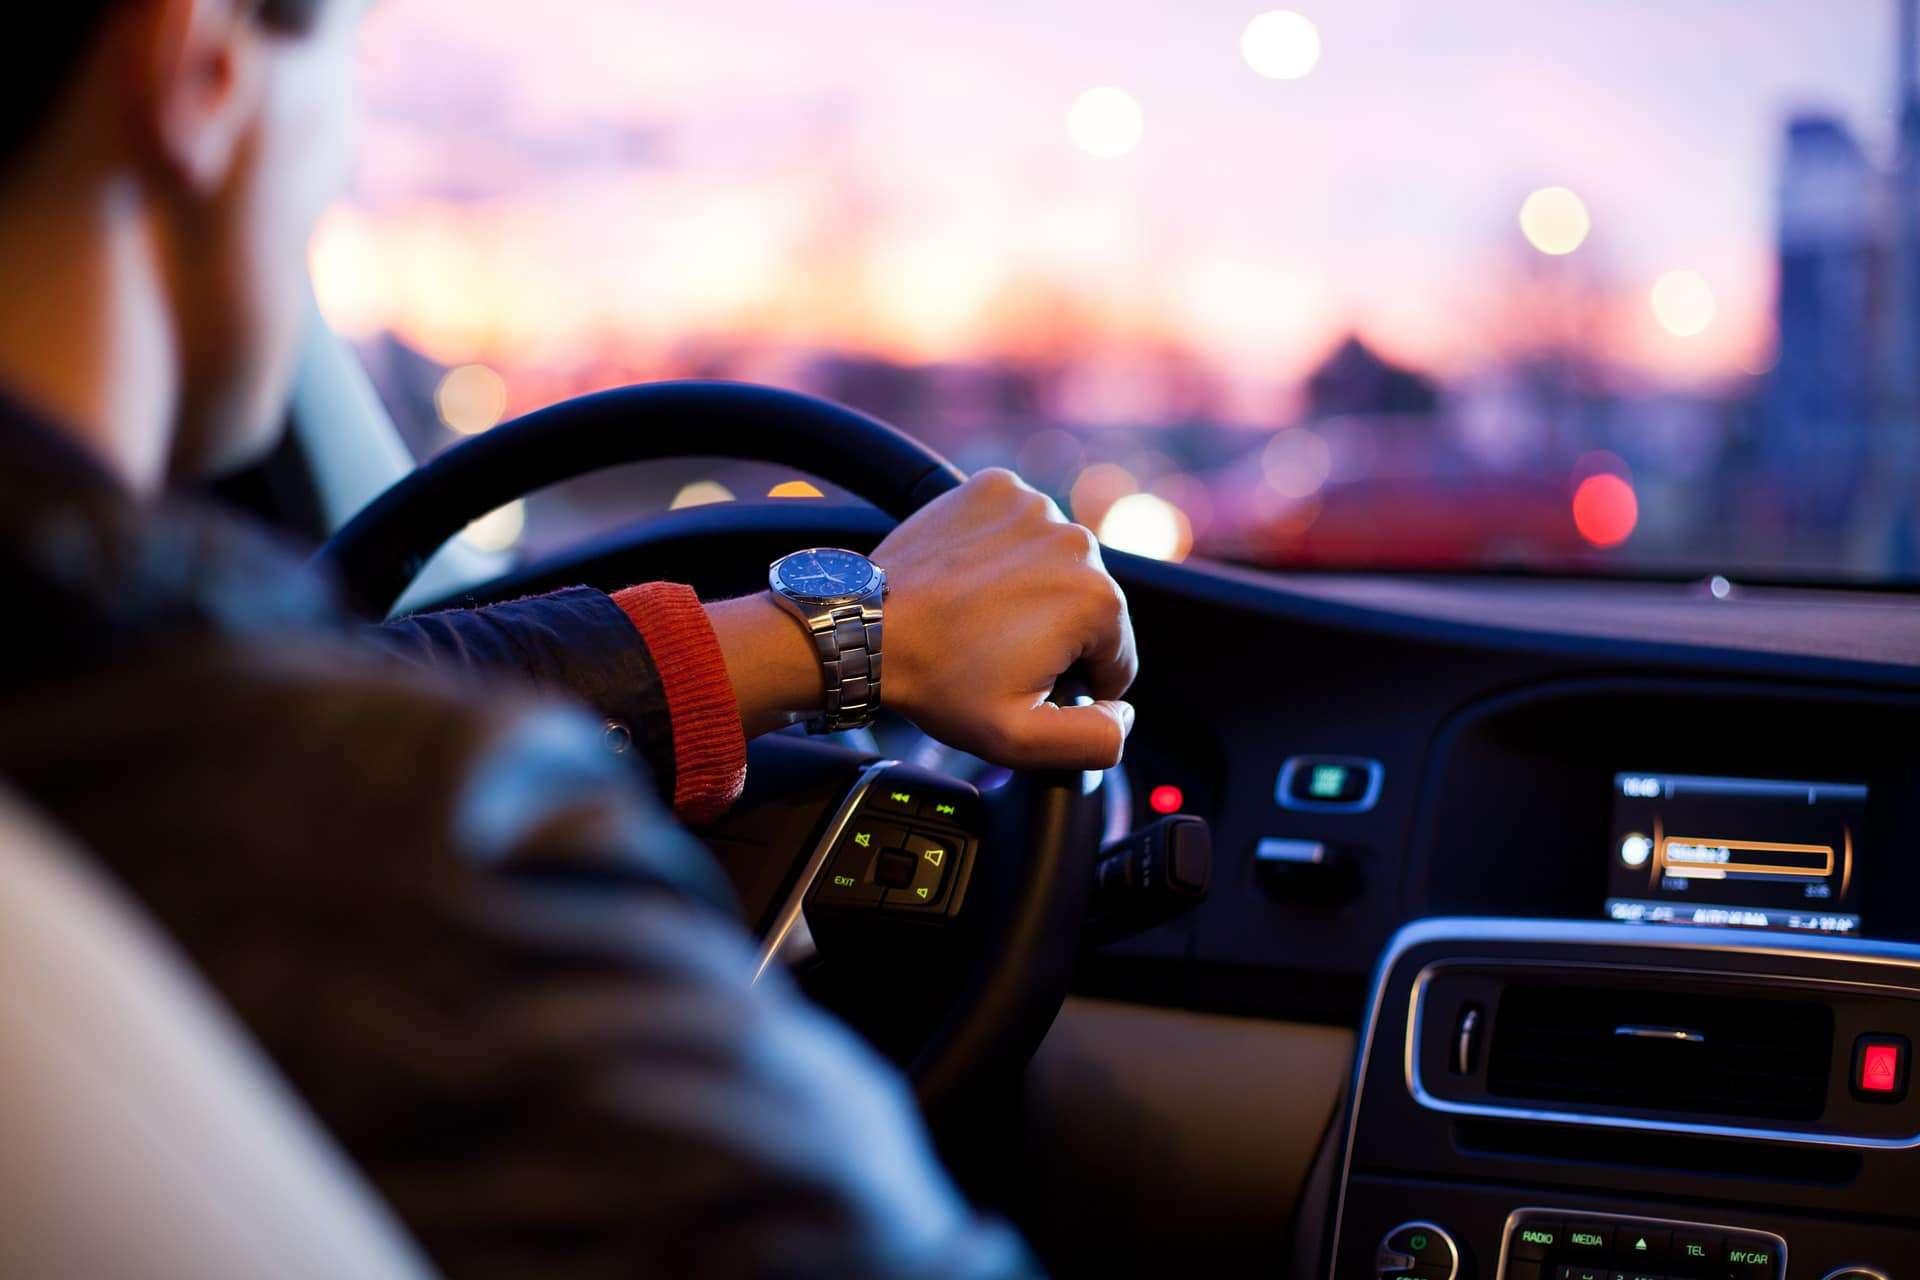 Noleggio auto: 10 cose da sapere prima di noleggiare una macchina